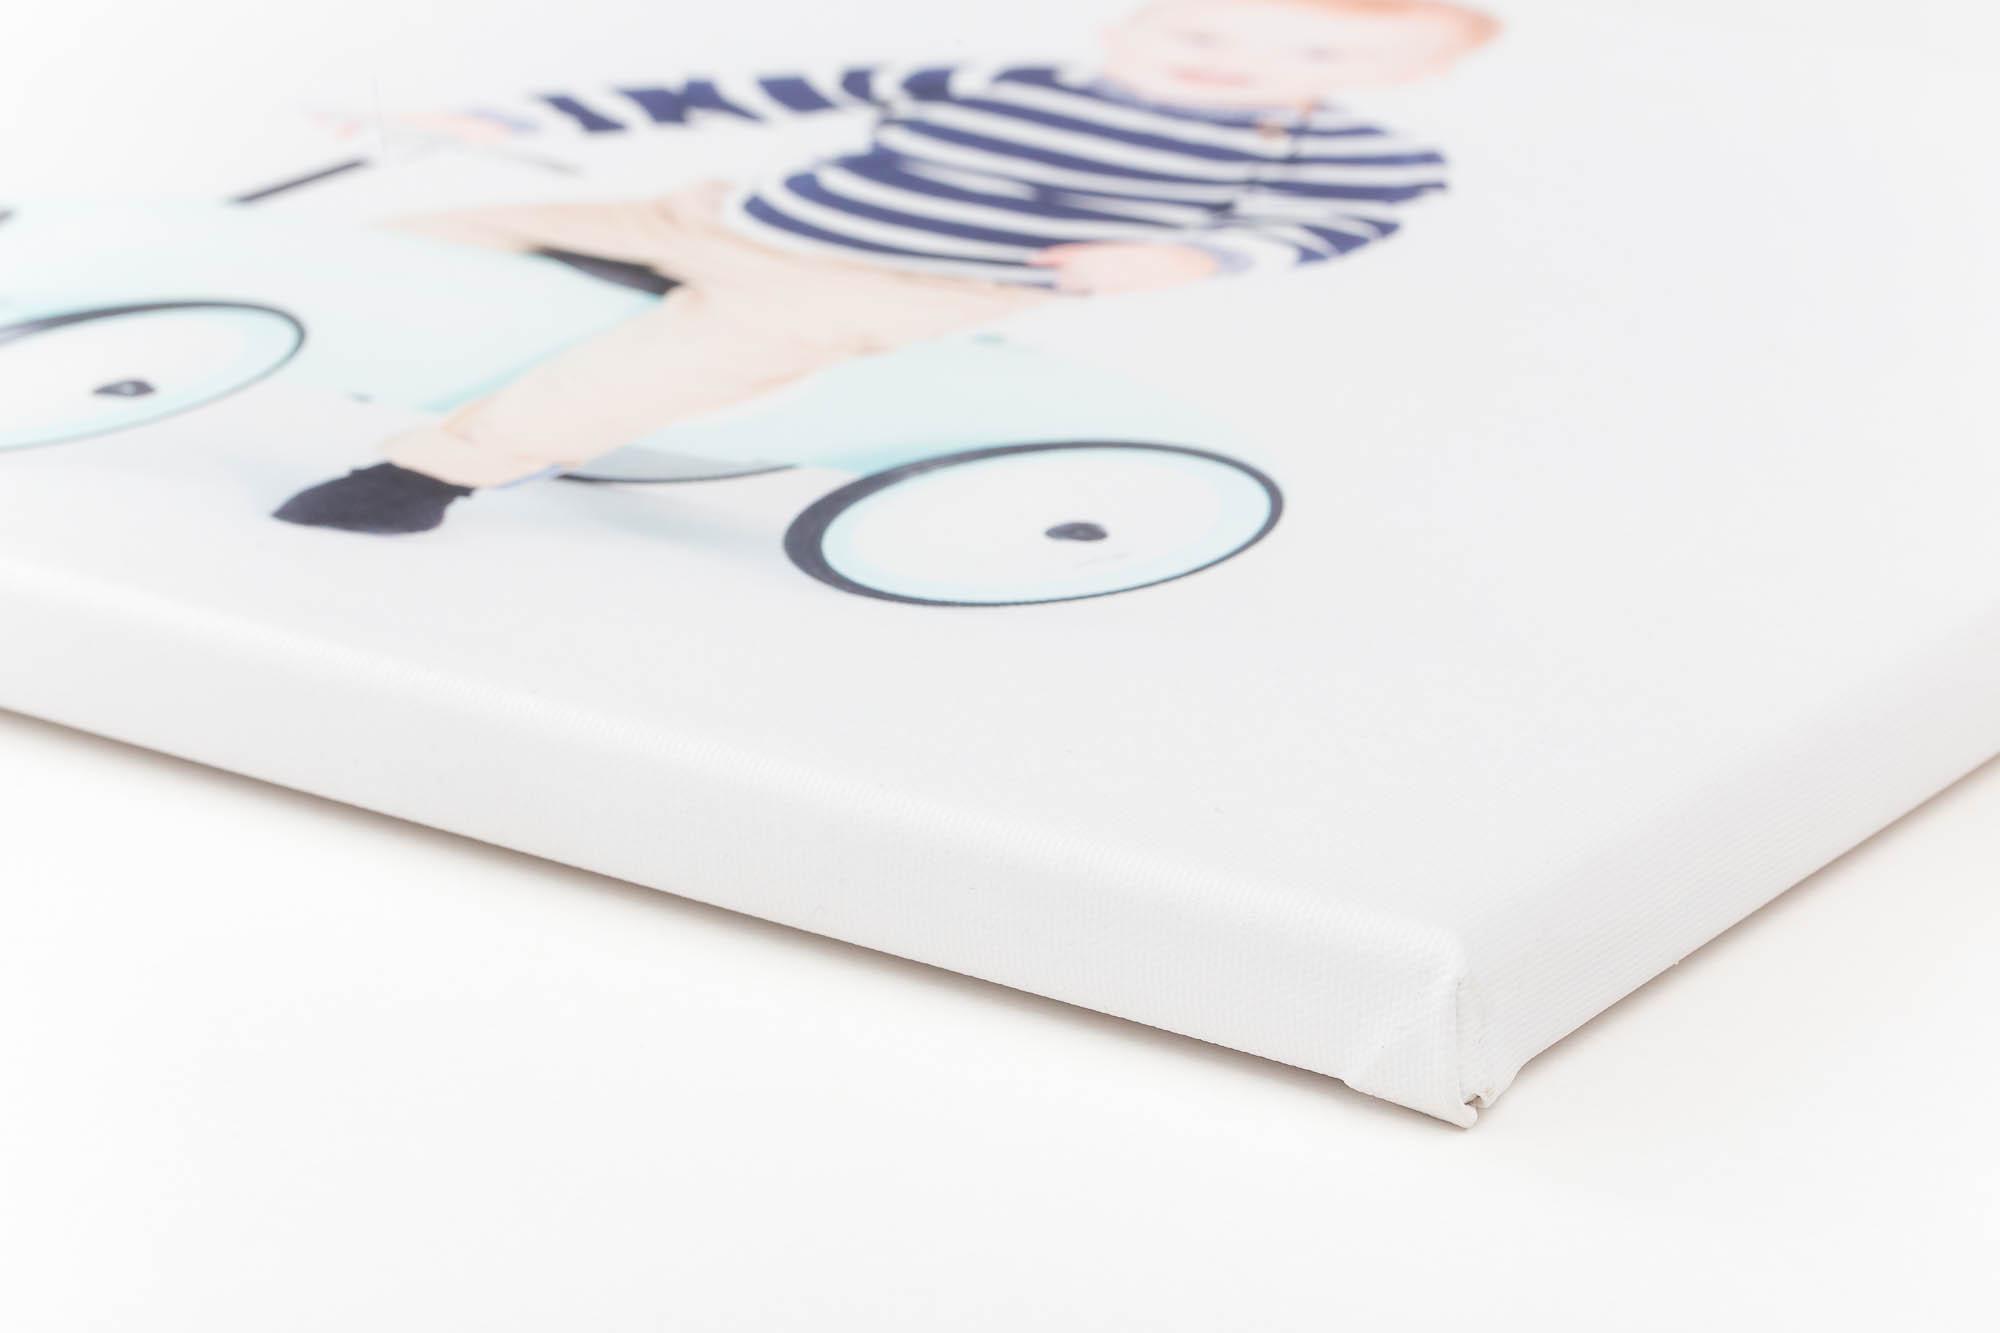 Lærredsprint - Print på ekstra kraftig bomuldslærred, som giver skarpe og klare farver. Print på lærred gør, at du undgår reflekser fra sollys og andre lyskilder. Lærredsprintet falmer ikke og kan rengøres med en våd klud.